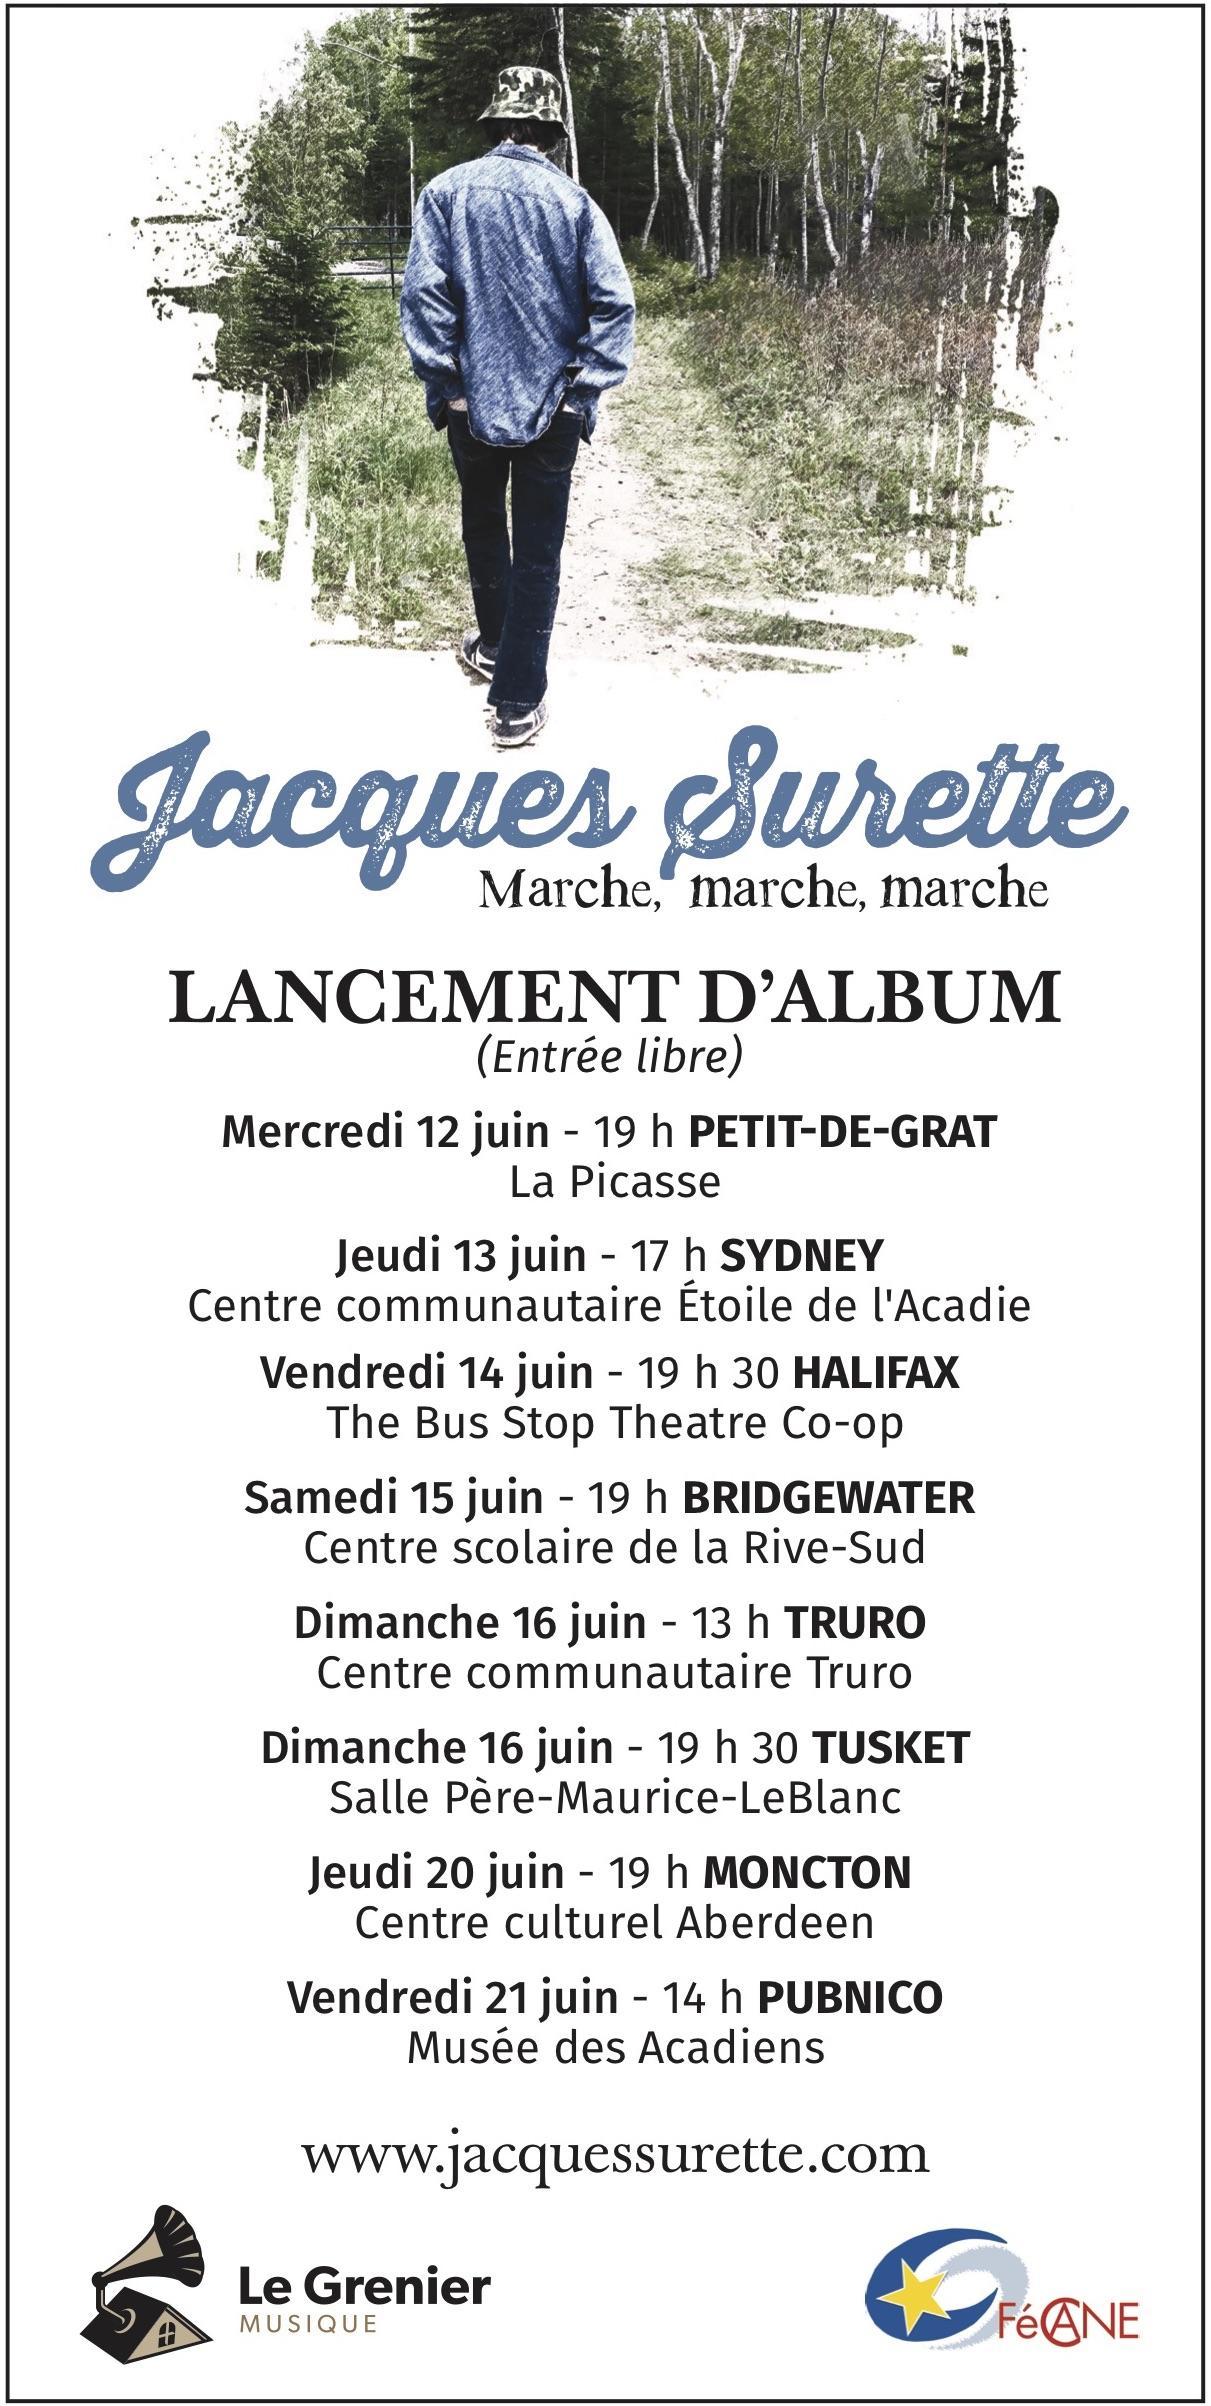 Artistes - Jacques Surette - Le grenier musique